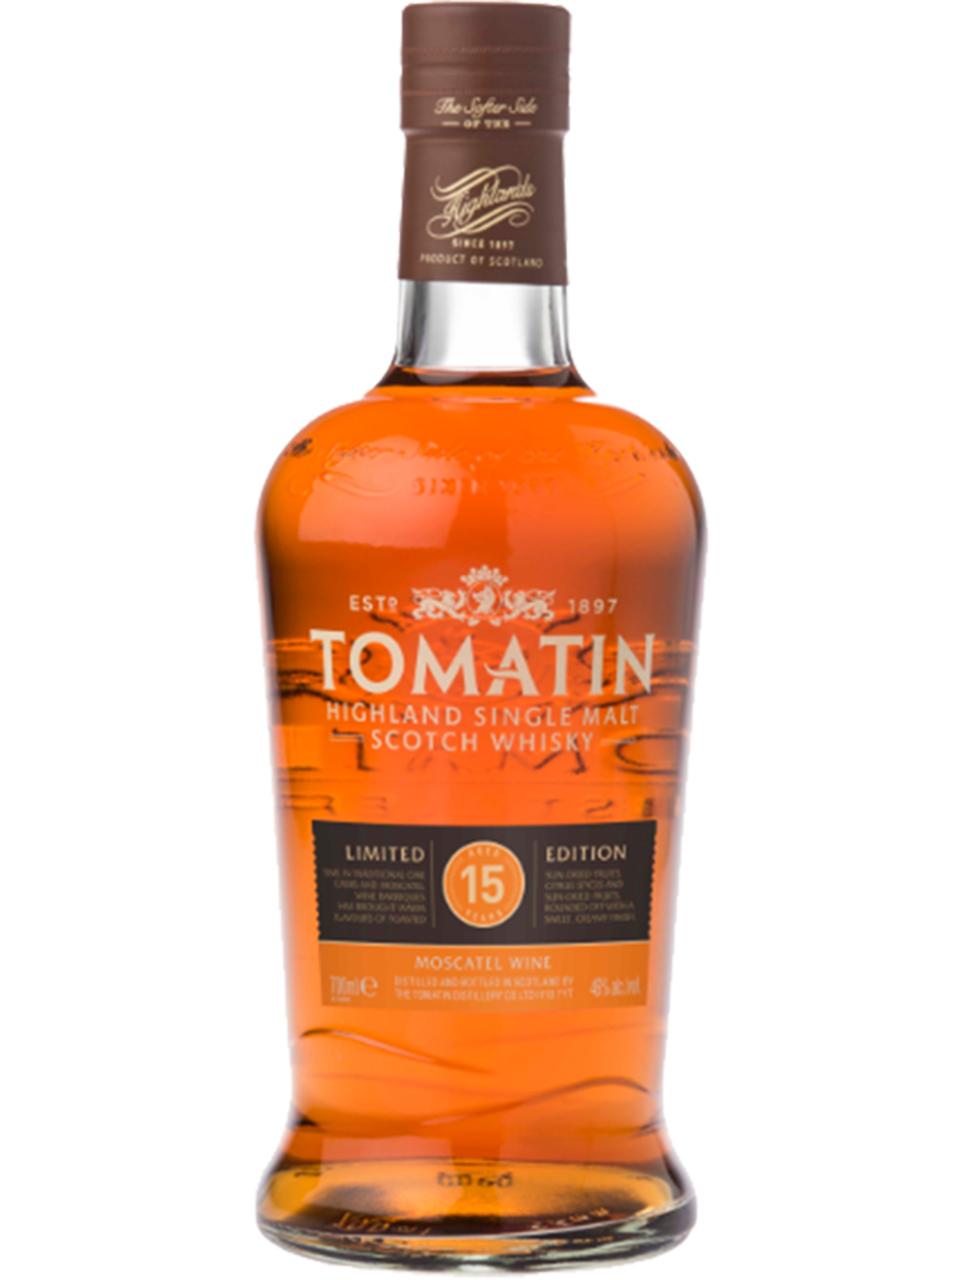 Tomatin 15YO Moscatel Single Malt Scotch Whisky